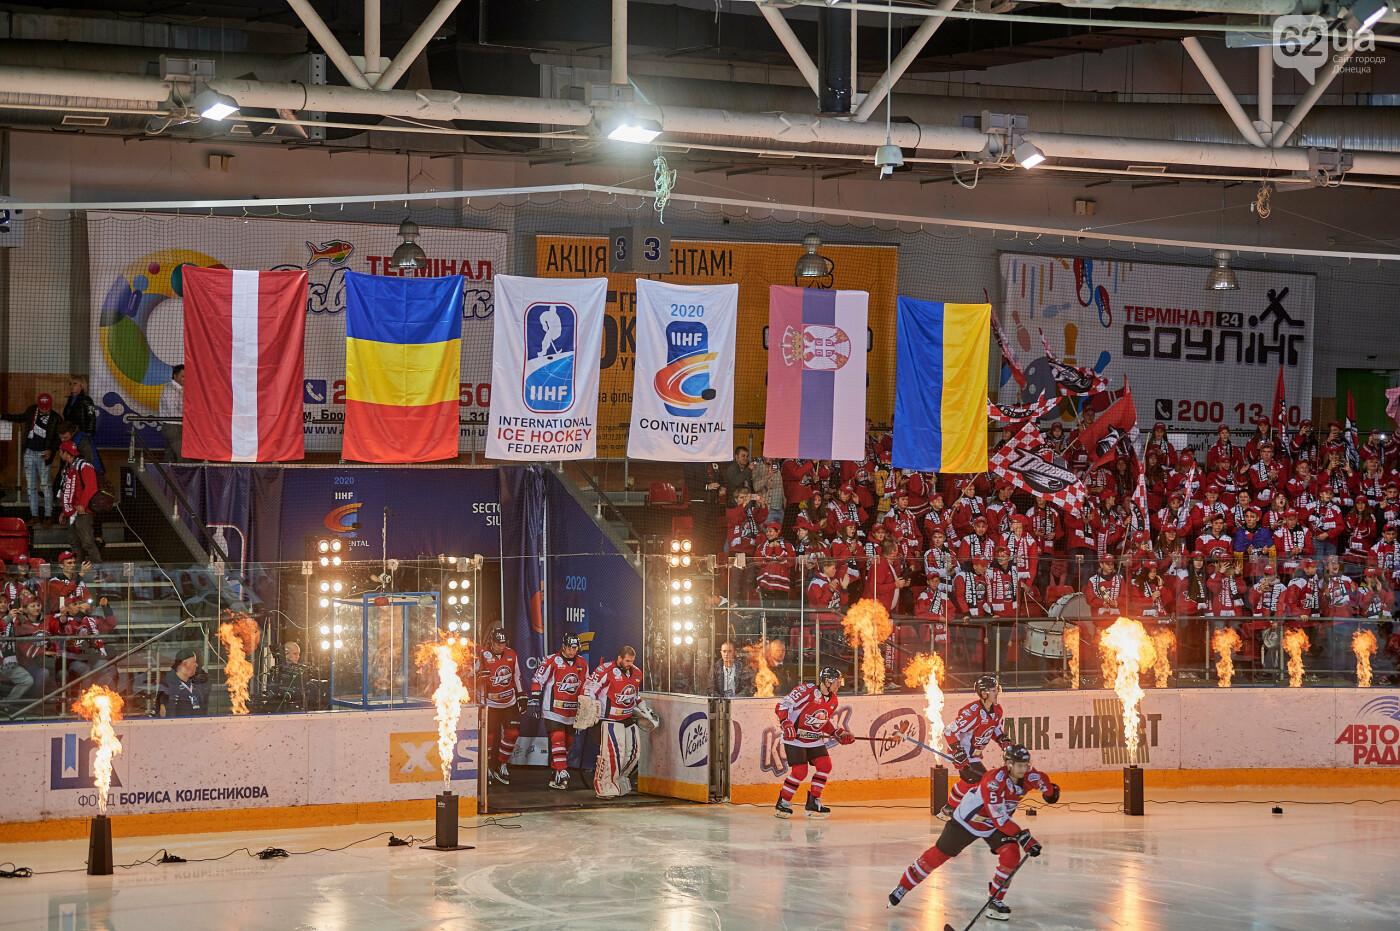 ХК «Донбасс» - победитель второго раунда Континентального кубка! , фото-1